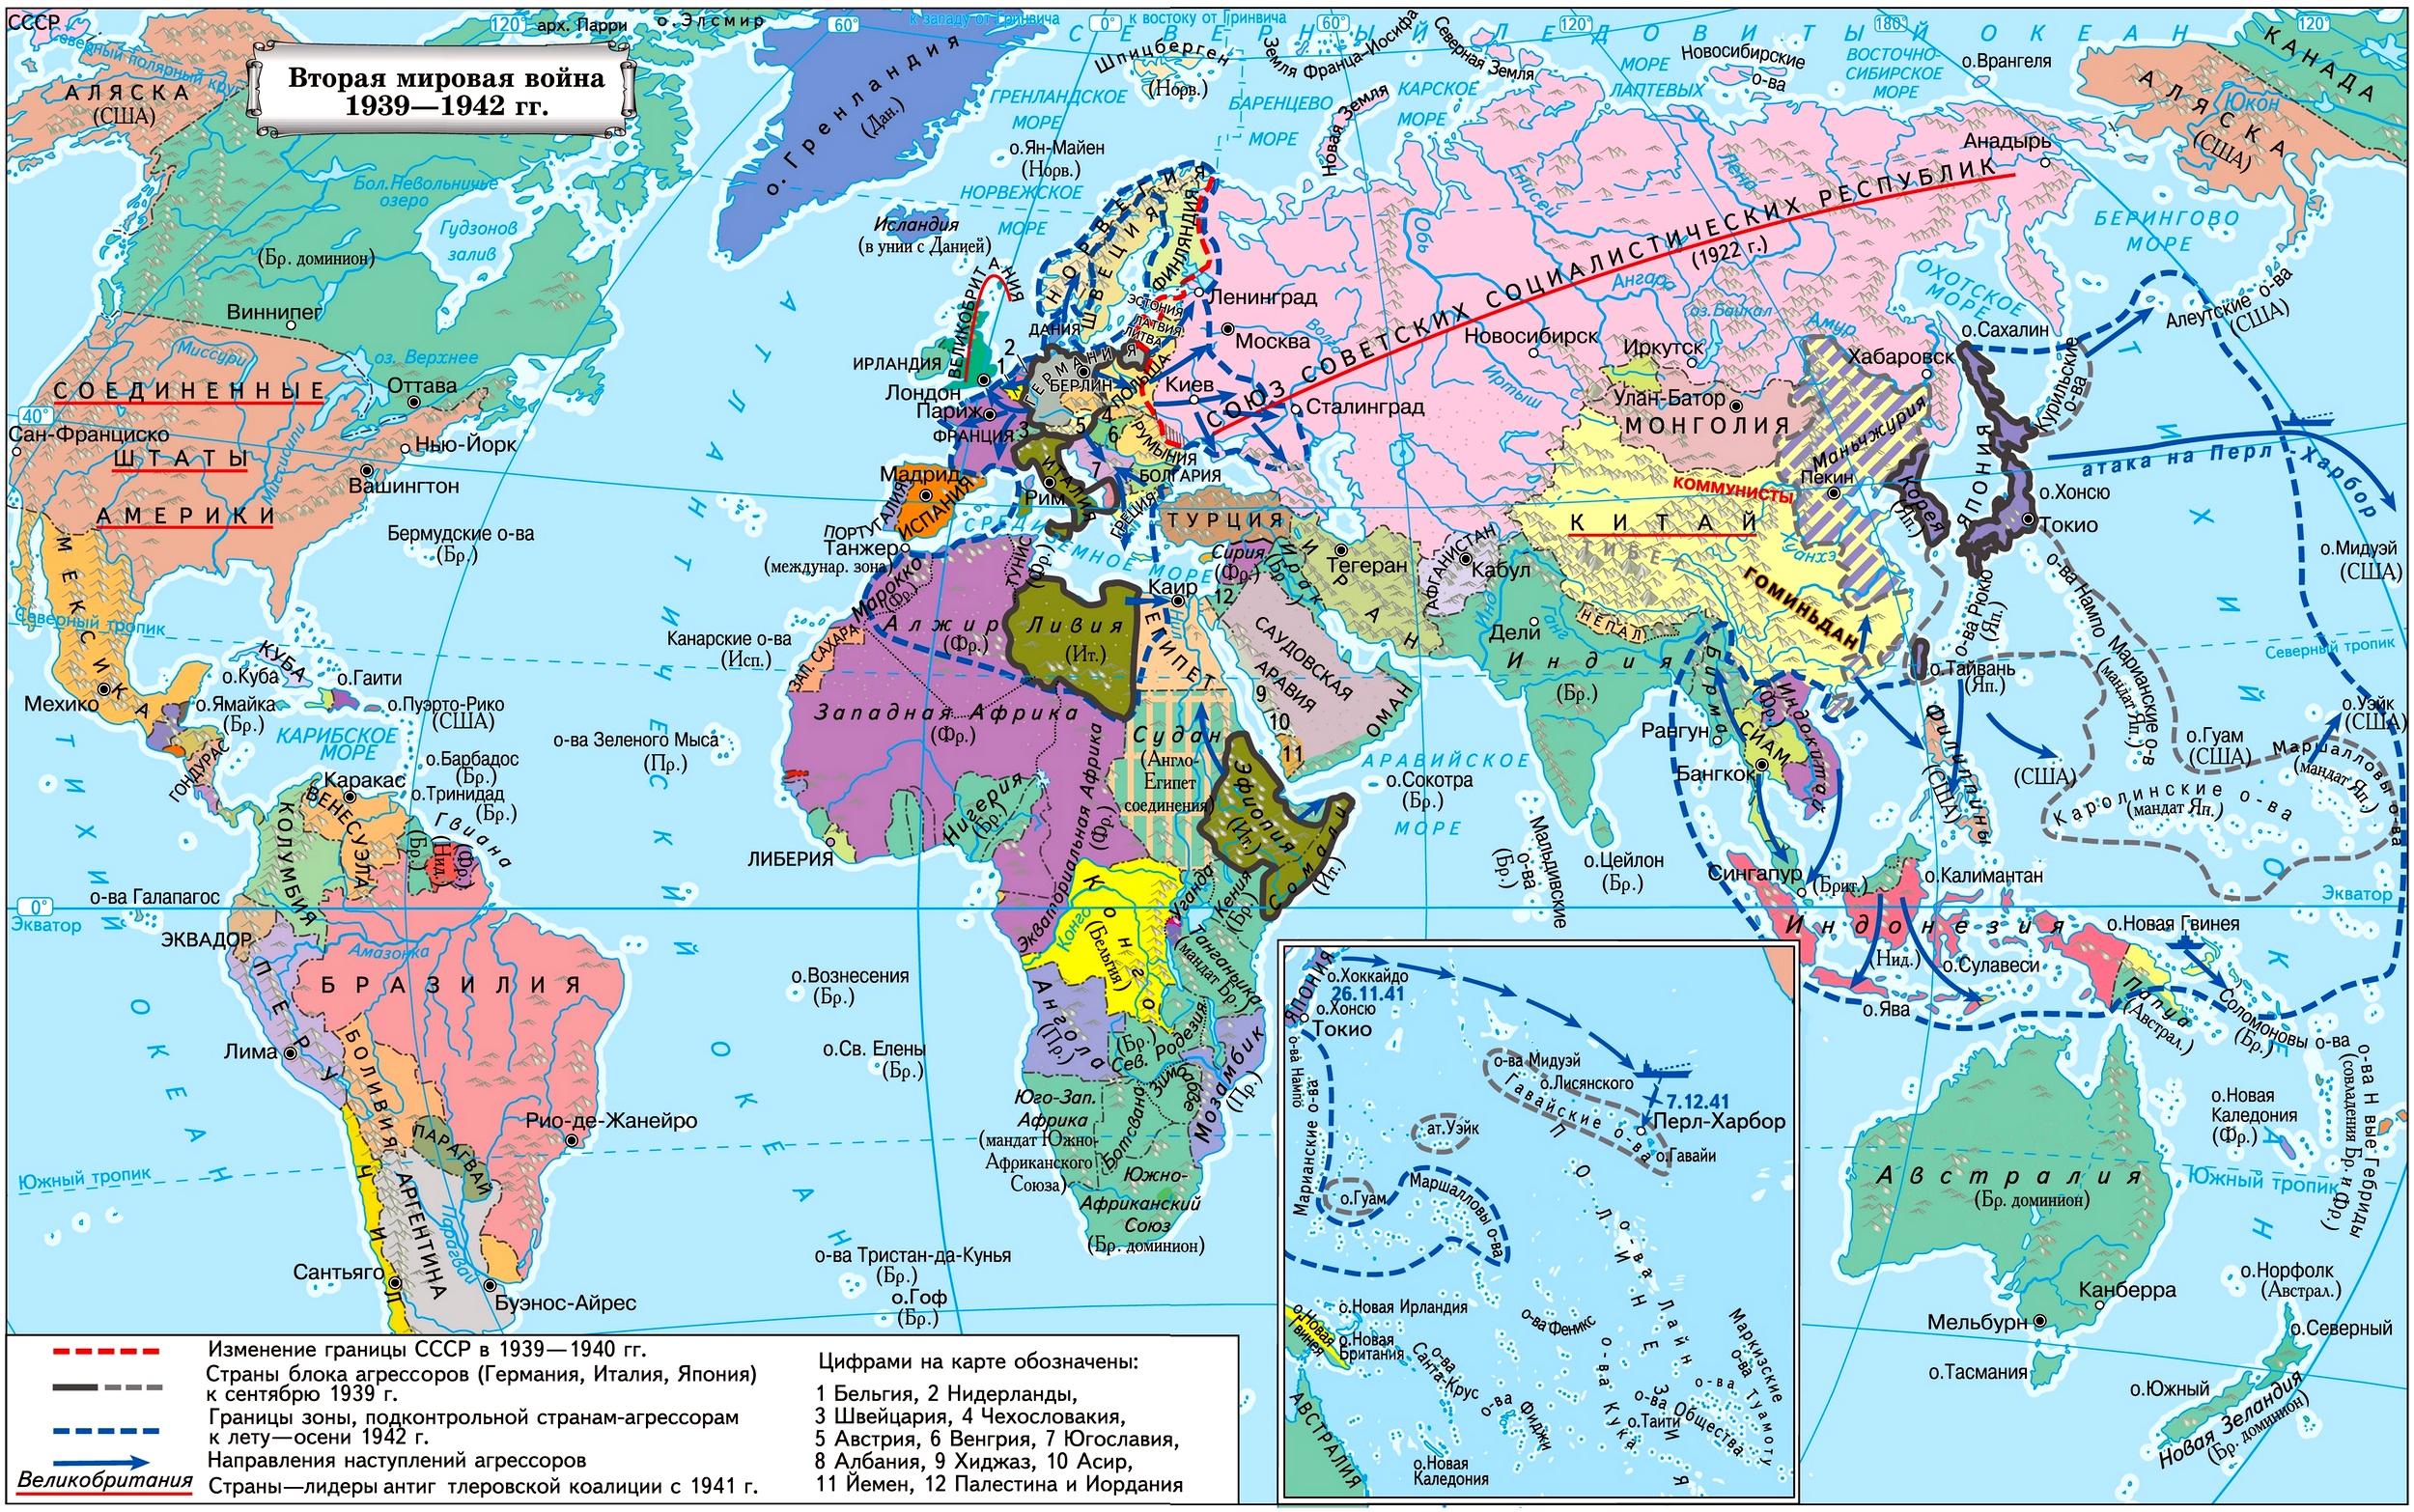 Вторая мировая война. 1939-1942